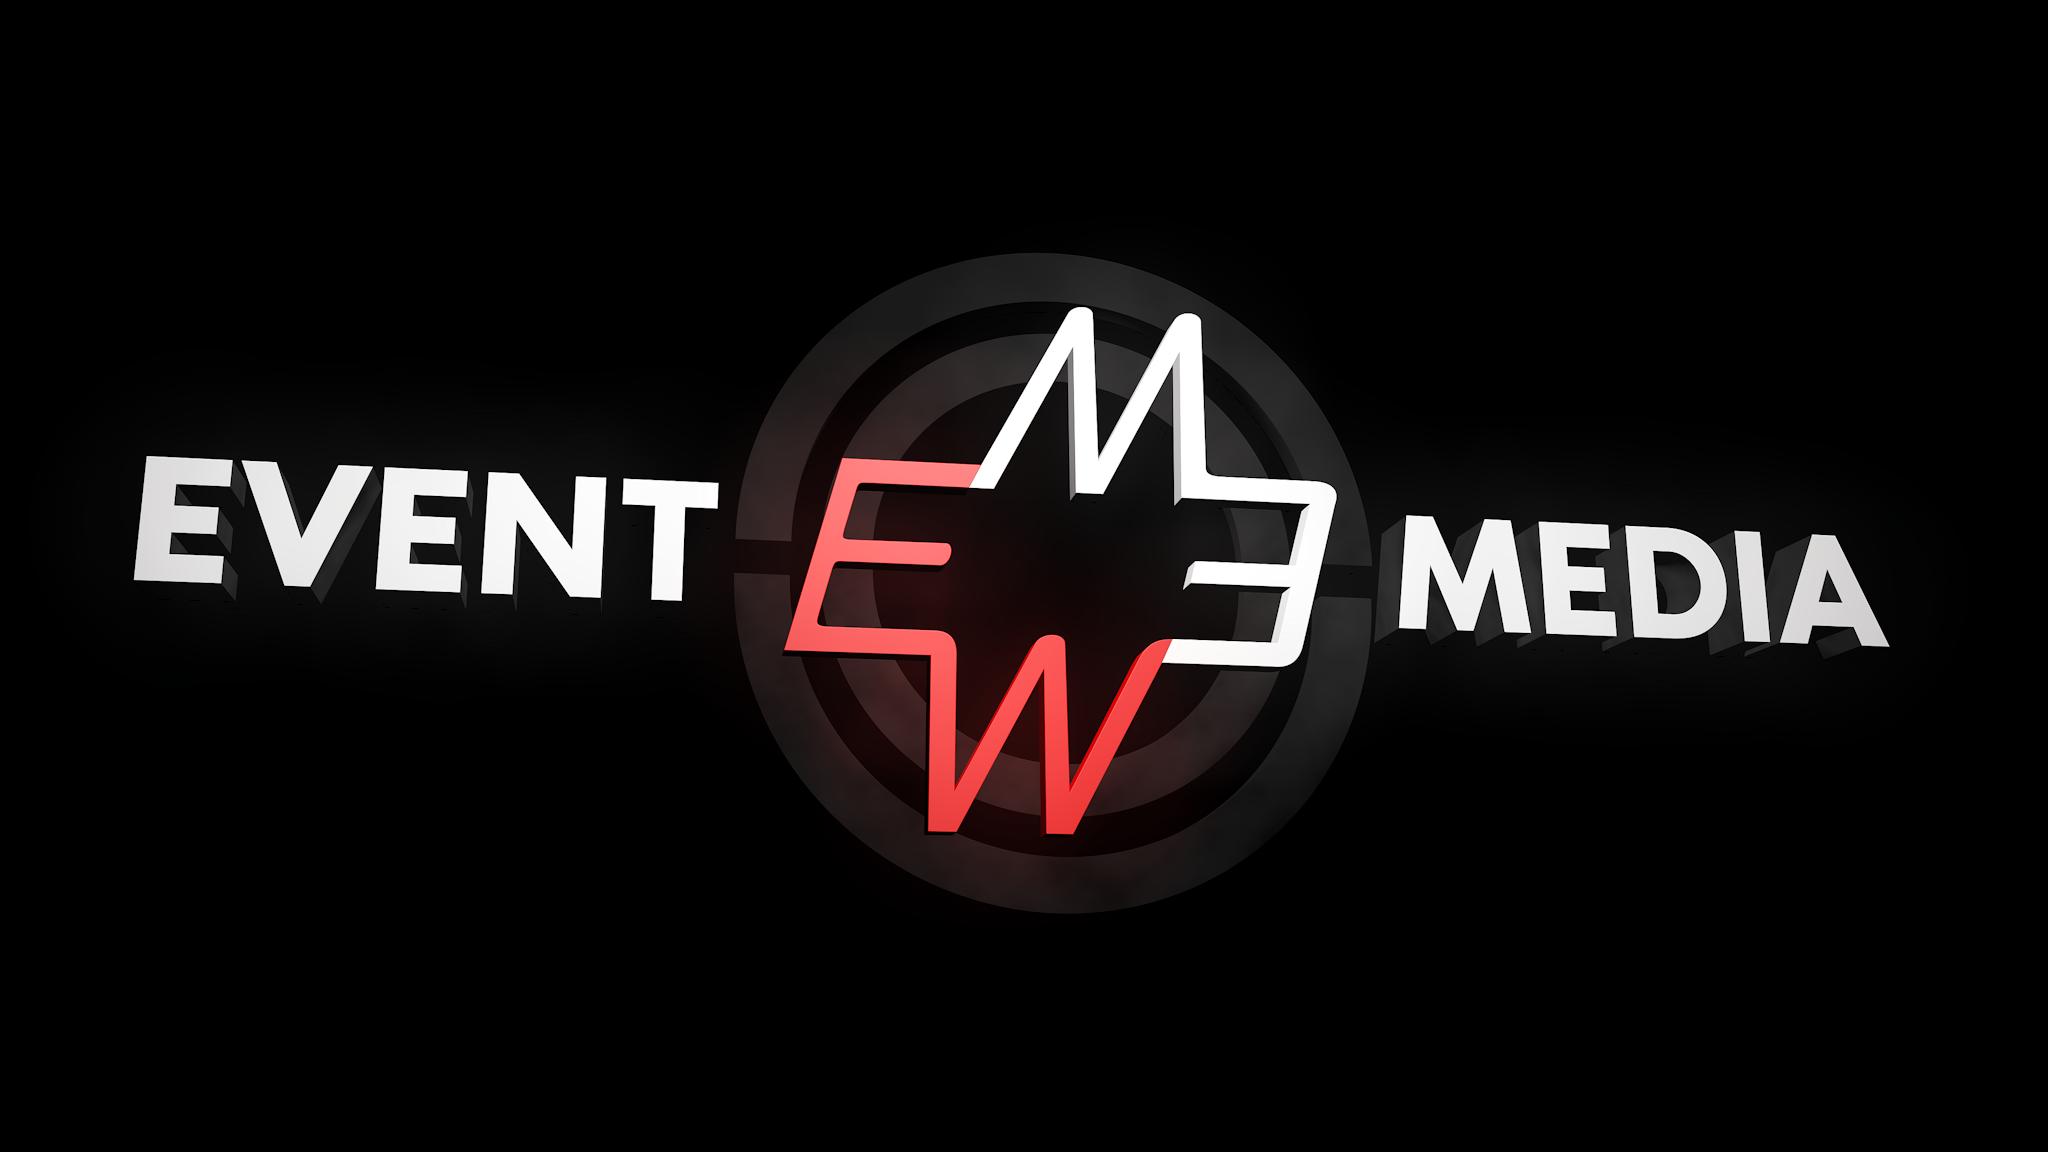 Eventmedia logo